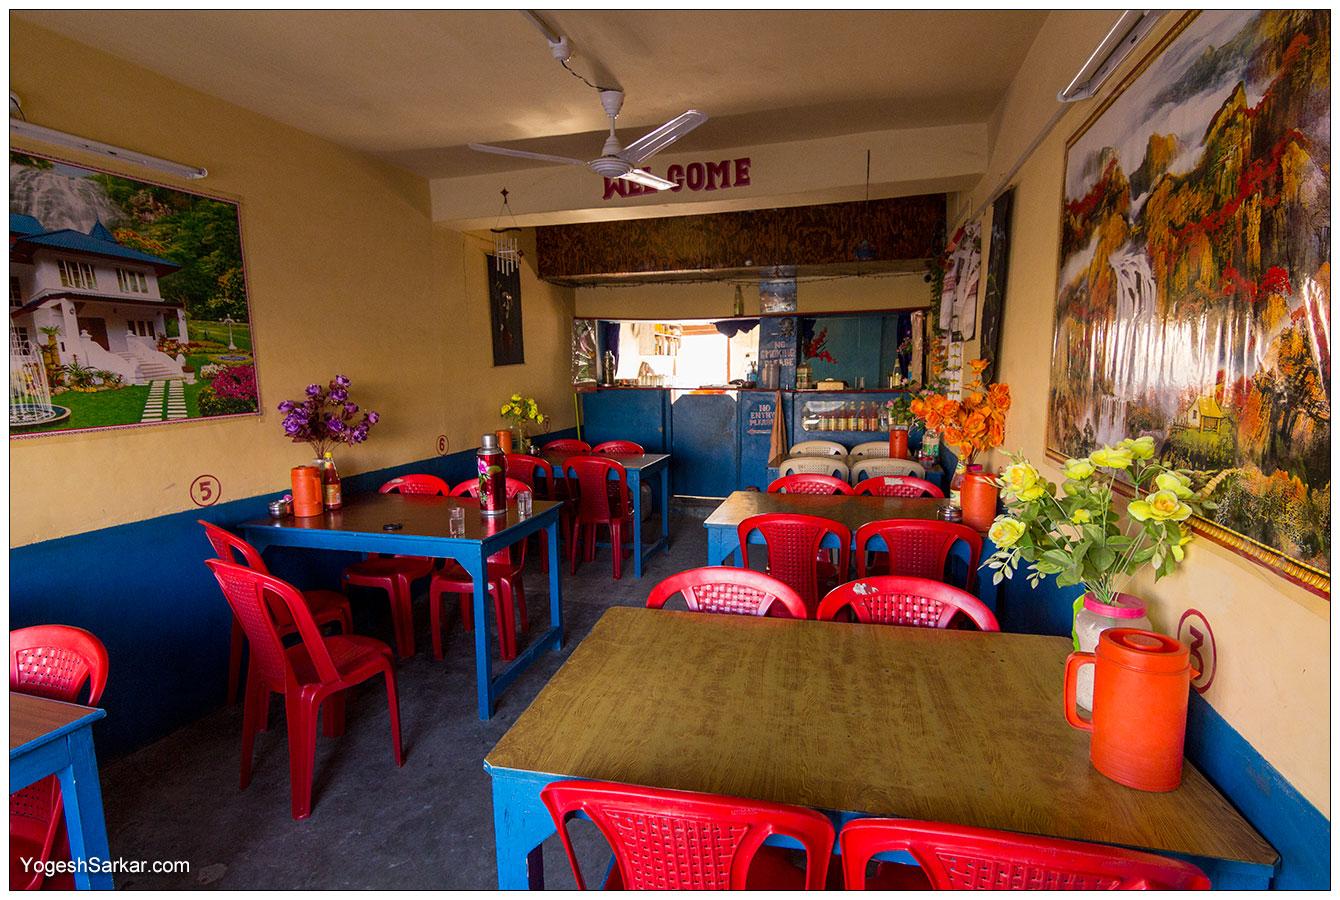 dolma-restaurant-diskit.jpg